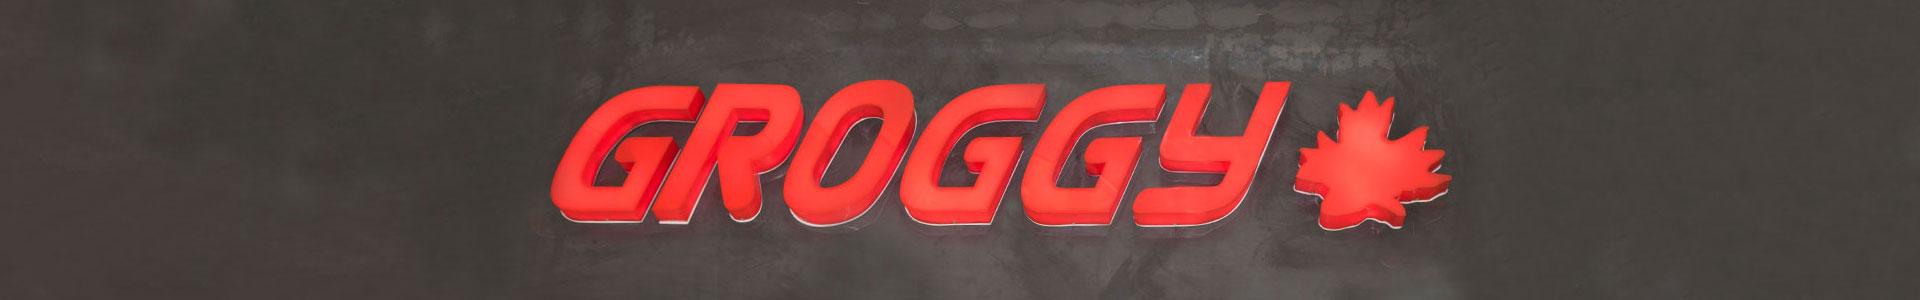 Gas-&-Groggy